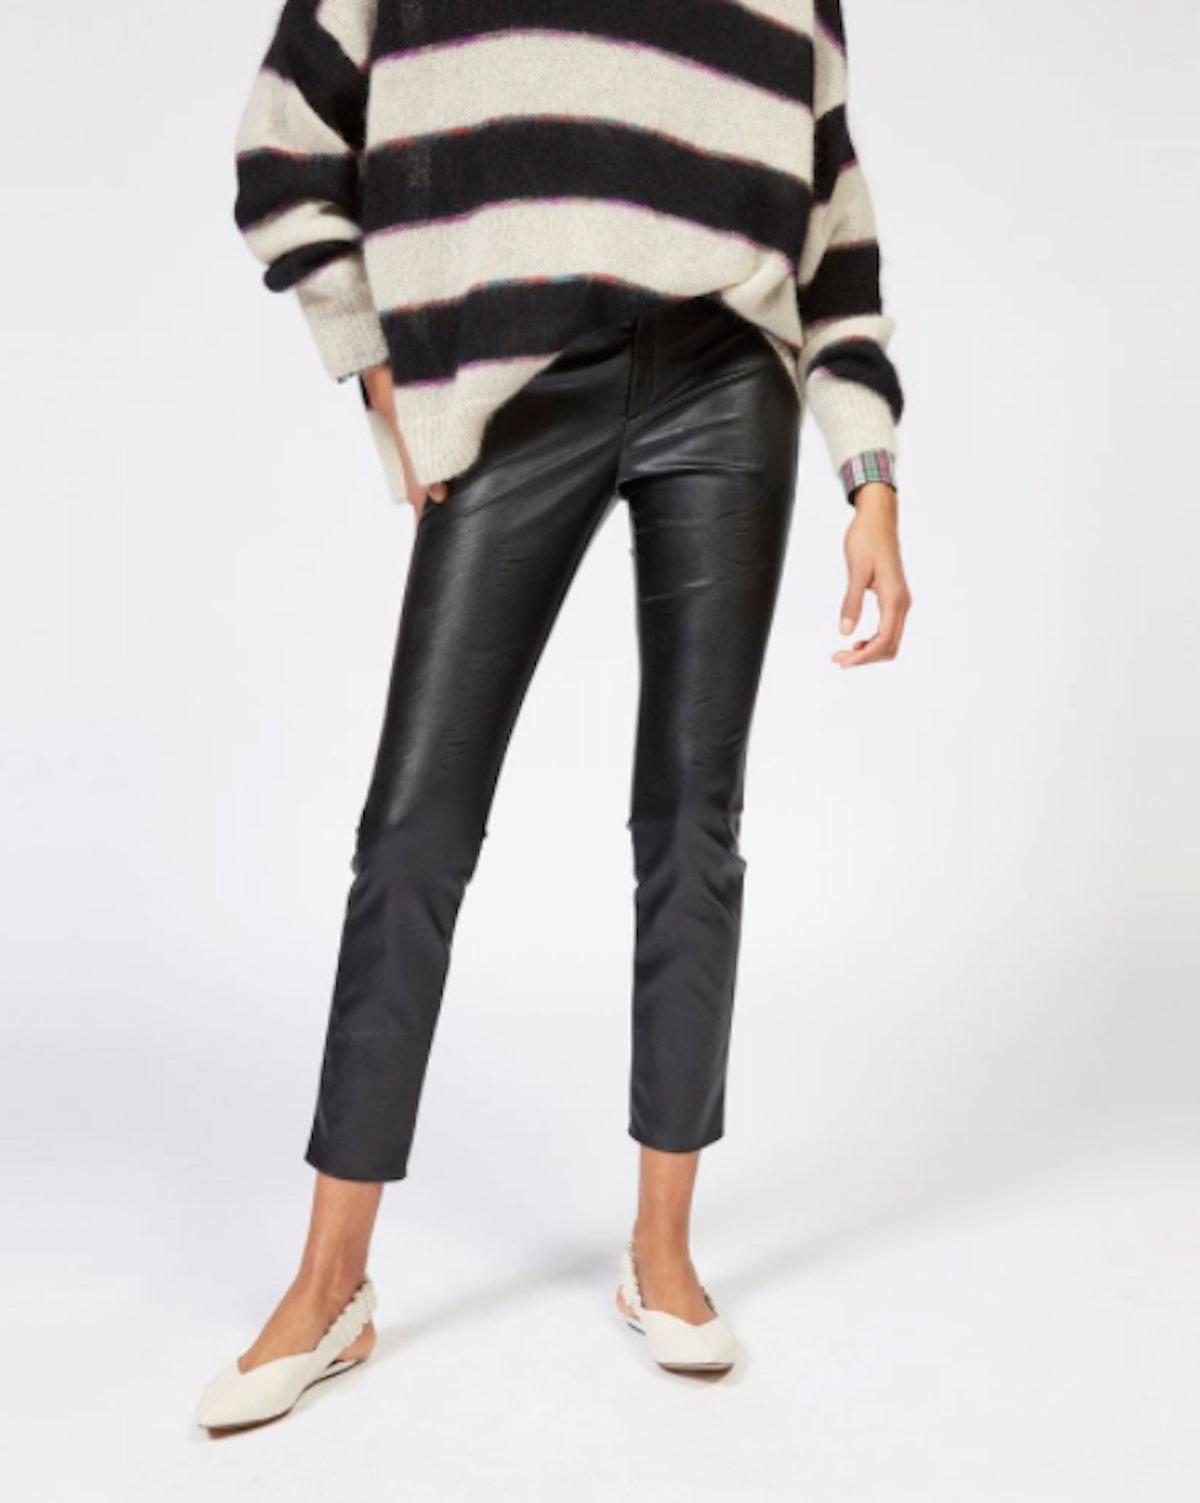 Zeffery Faux Leather Leggings